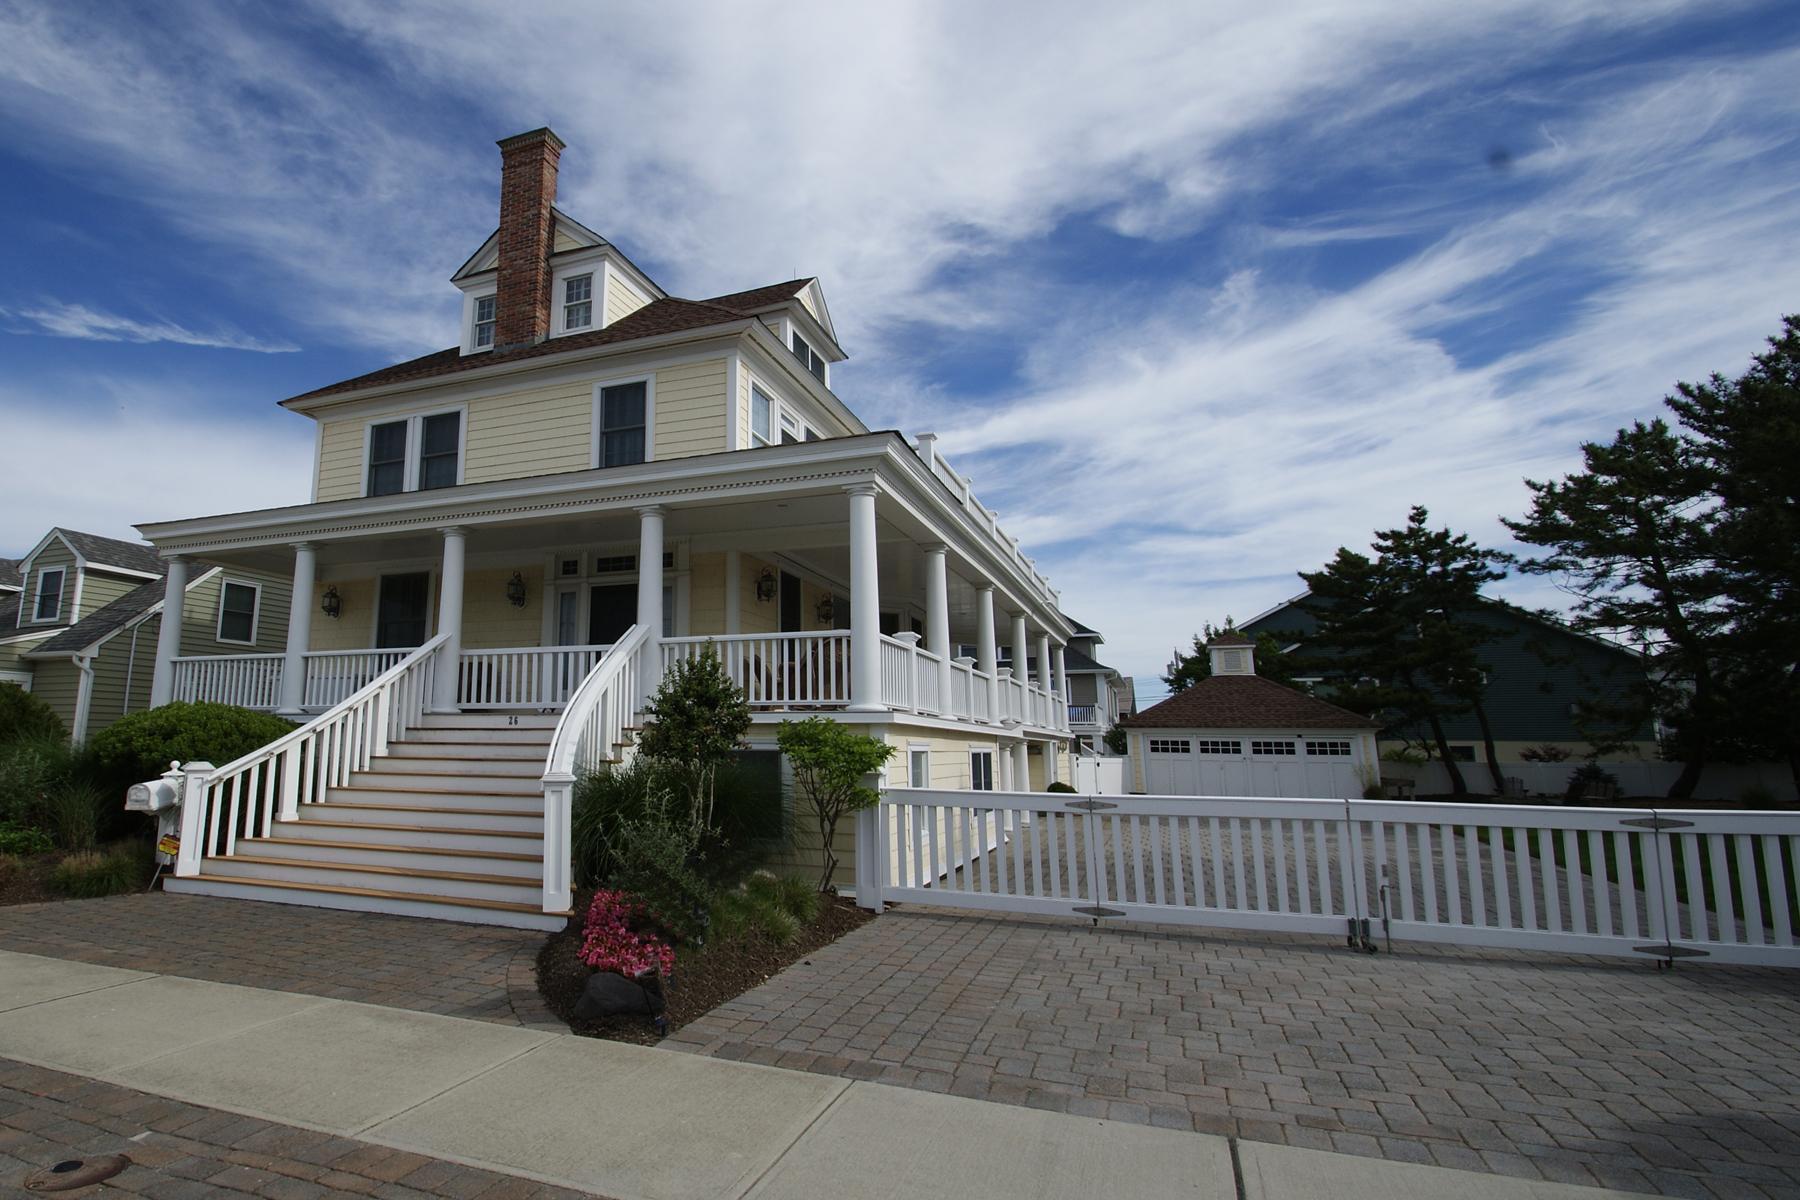 Maison unifamiliale pour l Vente à Elegant Oceanblock Home - Exquisite Craftsmanship 26 7th Ave Seaside Park, New Jersey 08752 États-Unis